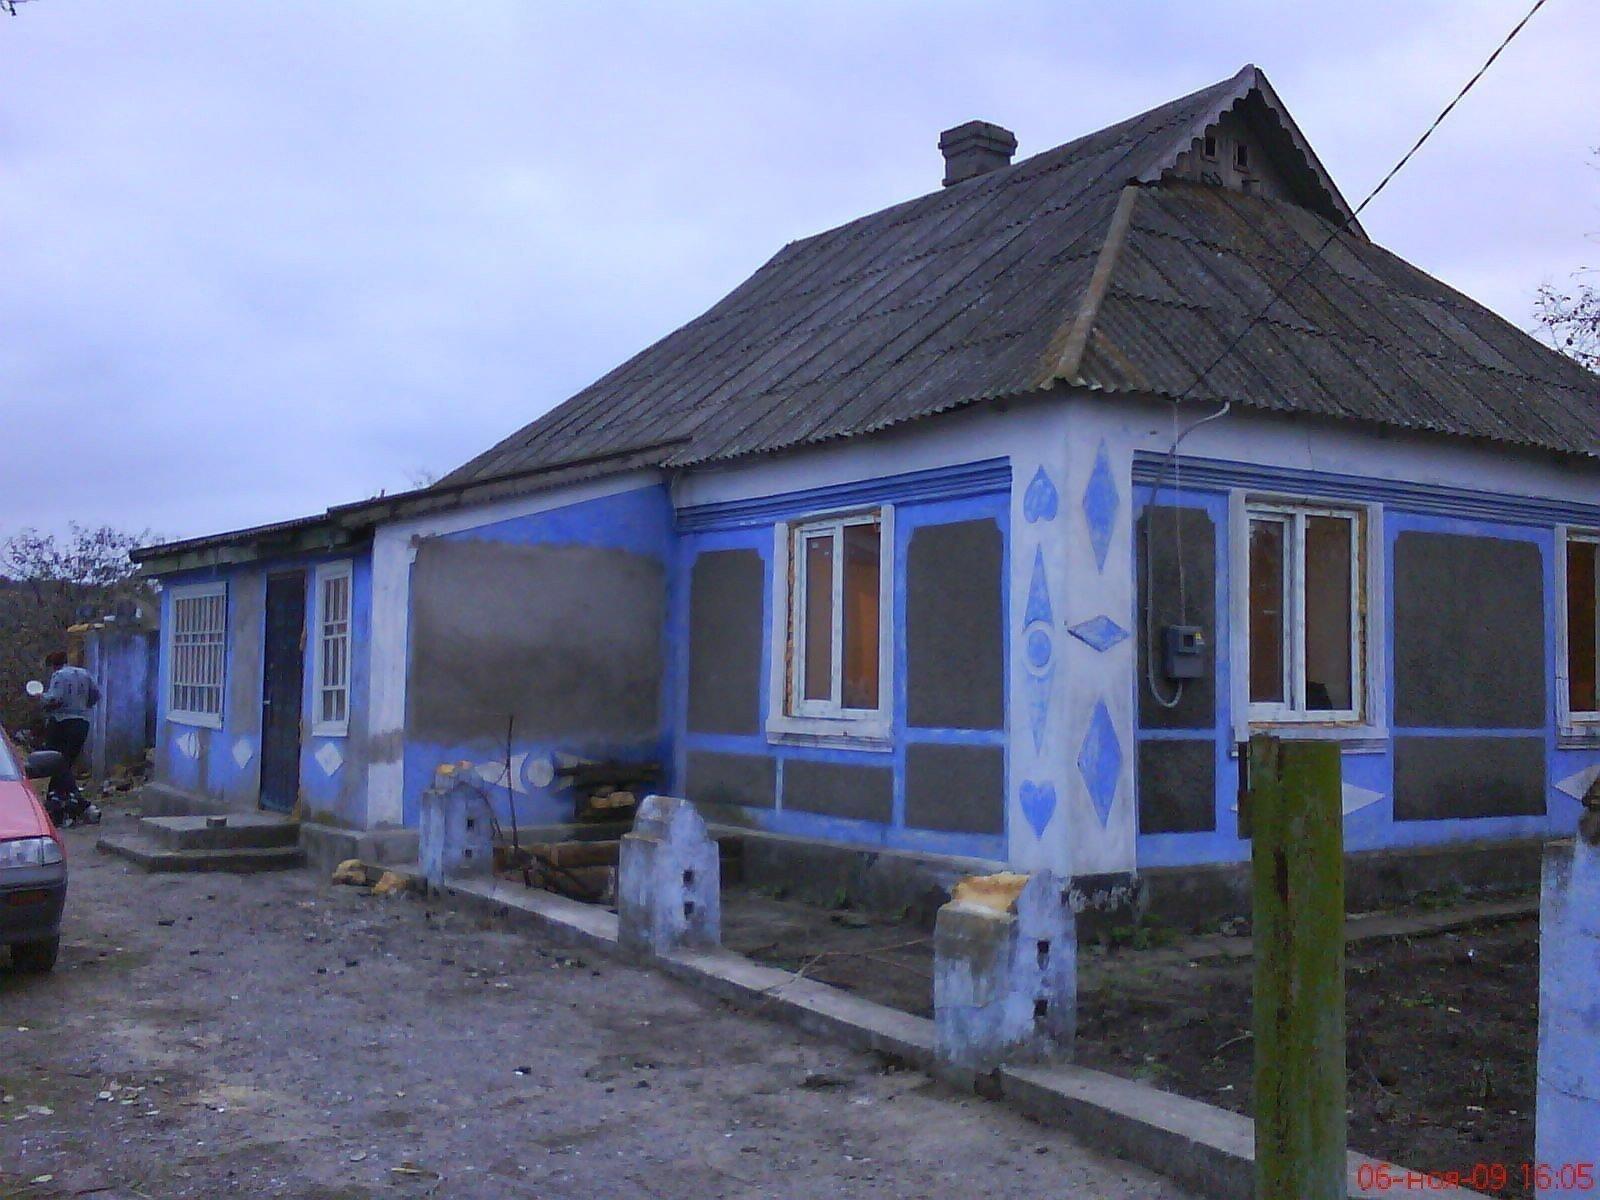 Продам дом в городе Васильевка. Объявление № 4829